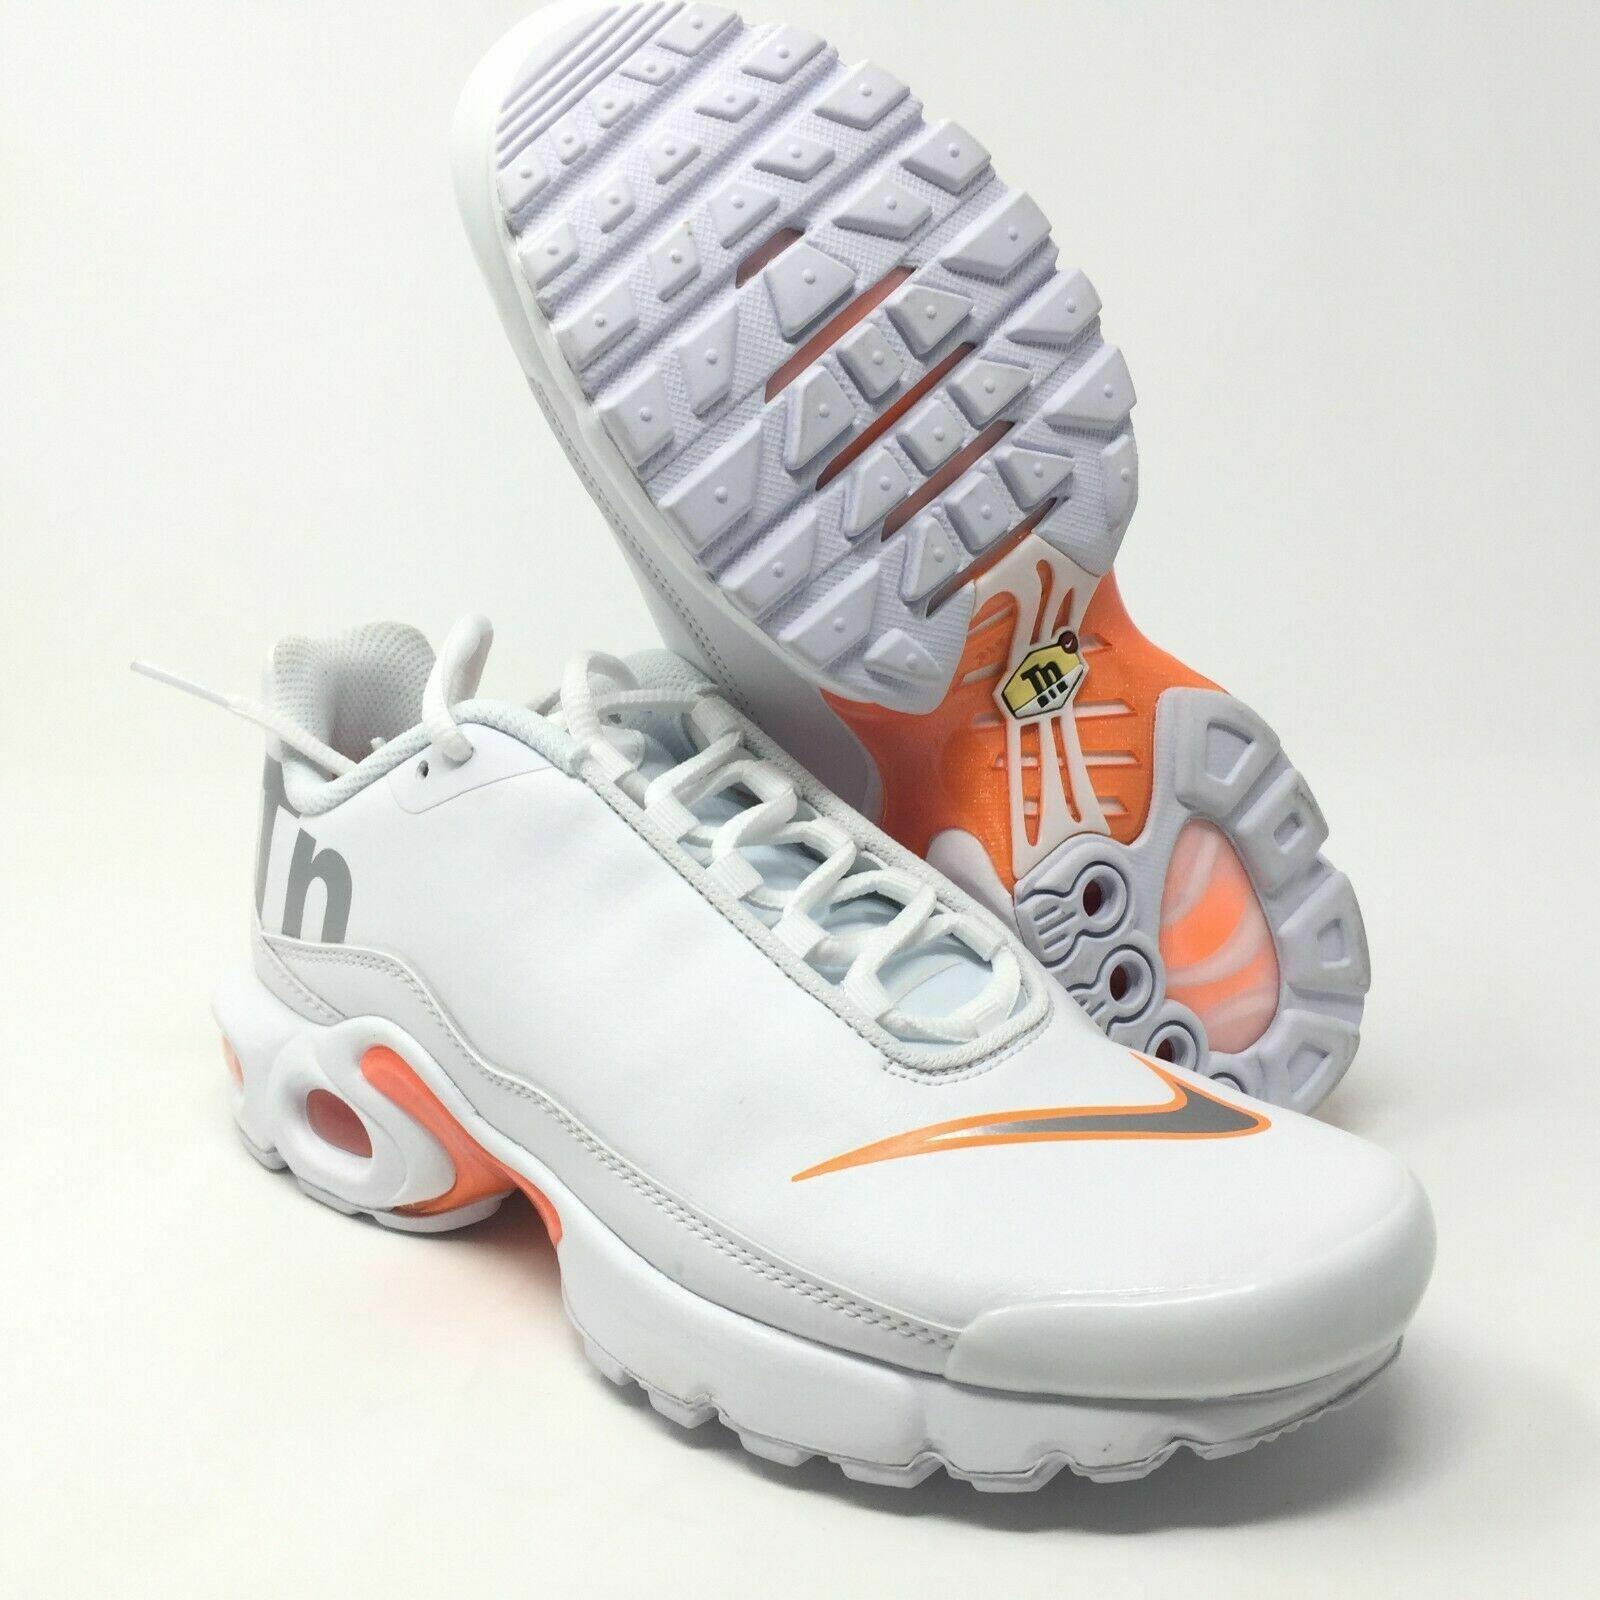 Nike Air Max Plus TN SE GS White Orange